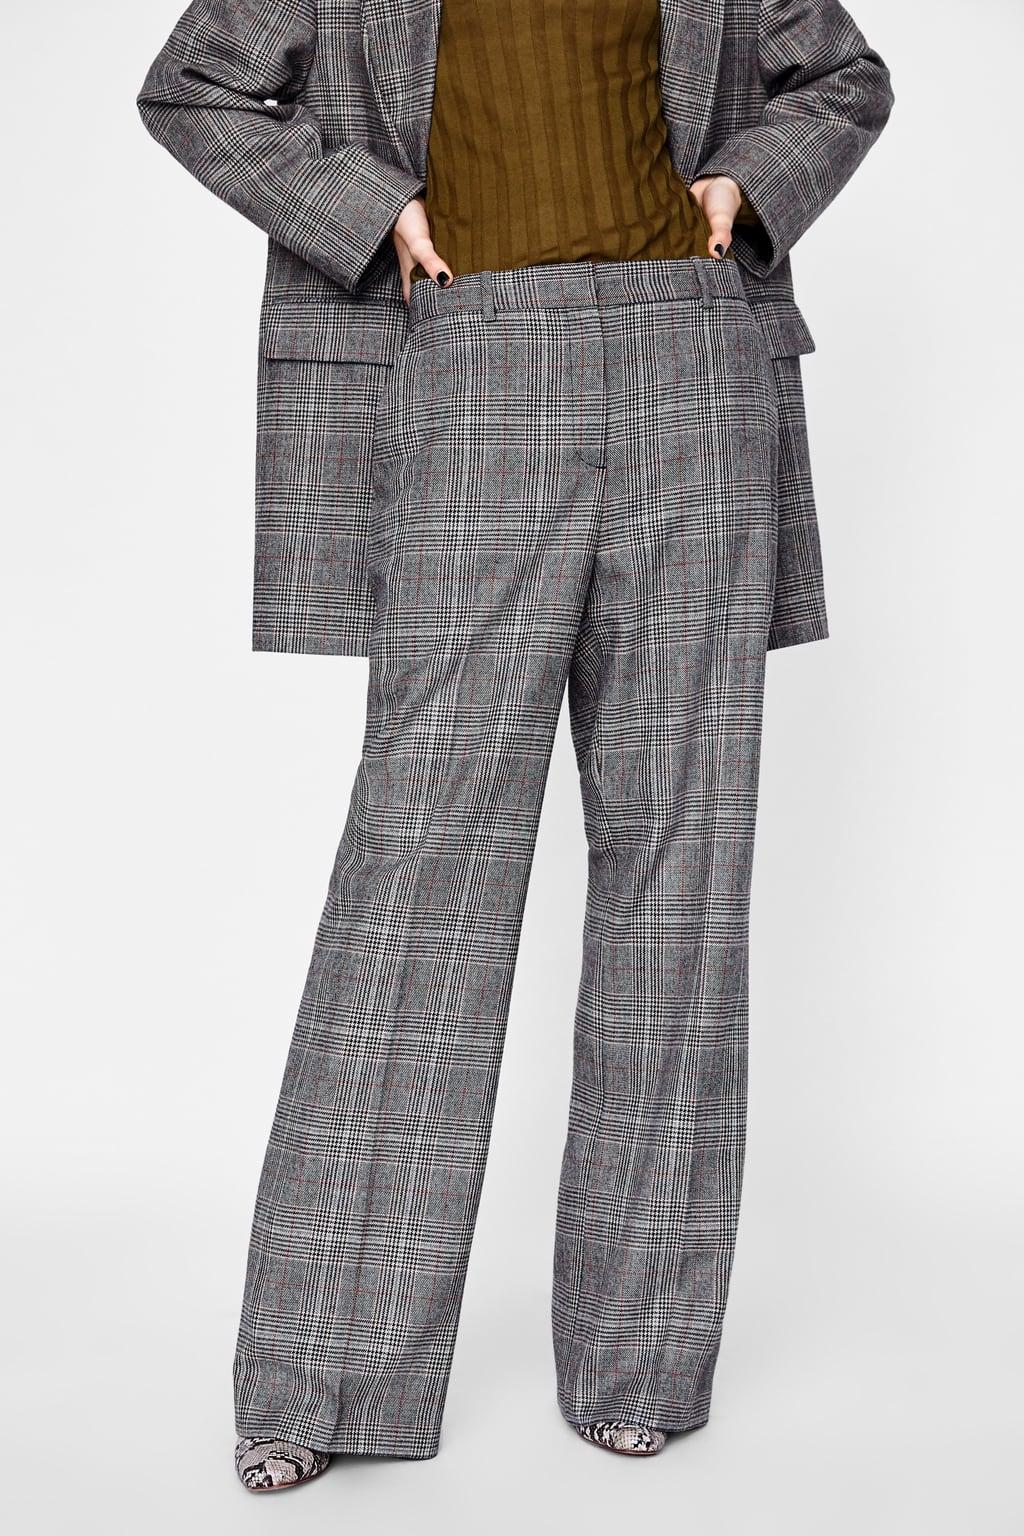 Comprarlos Pantalones Cómo Dónde Usarlos De Otoño Este Y Cuadros AAq7Y6wH 5a5a4bab4465